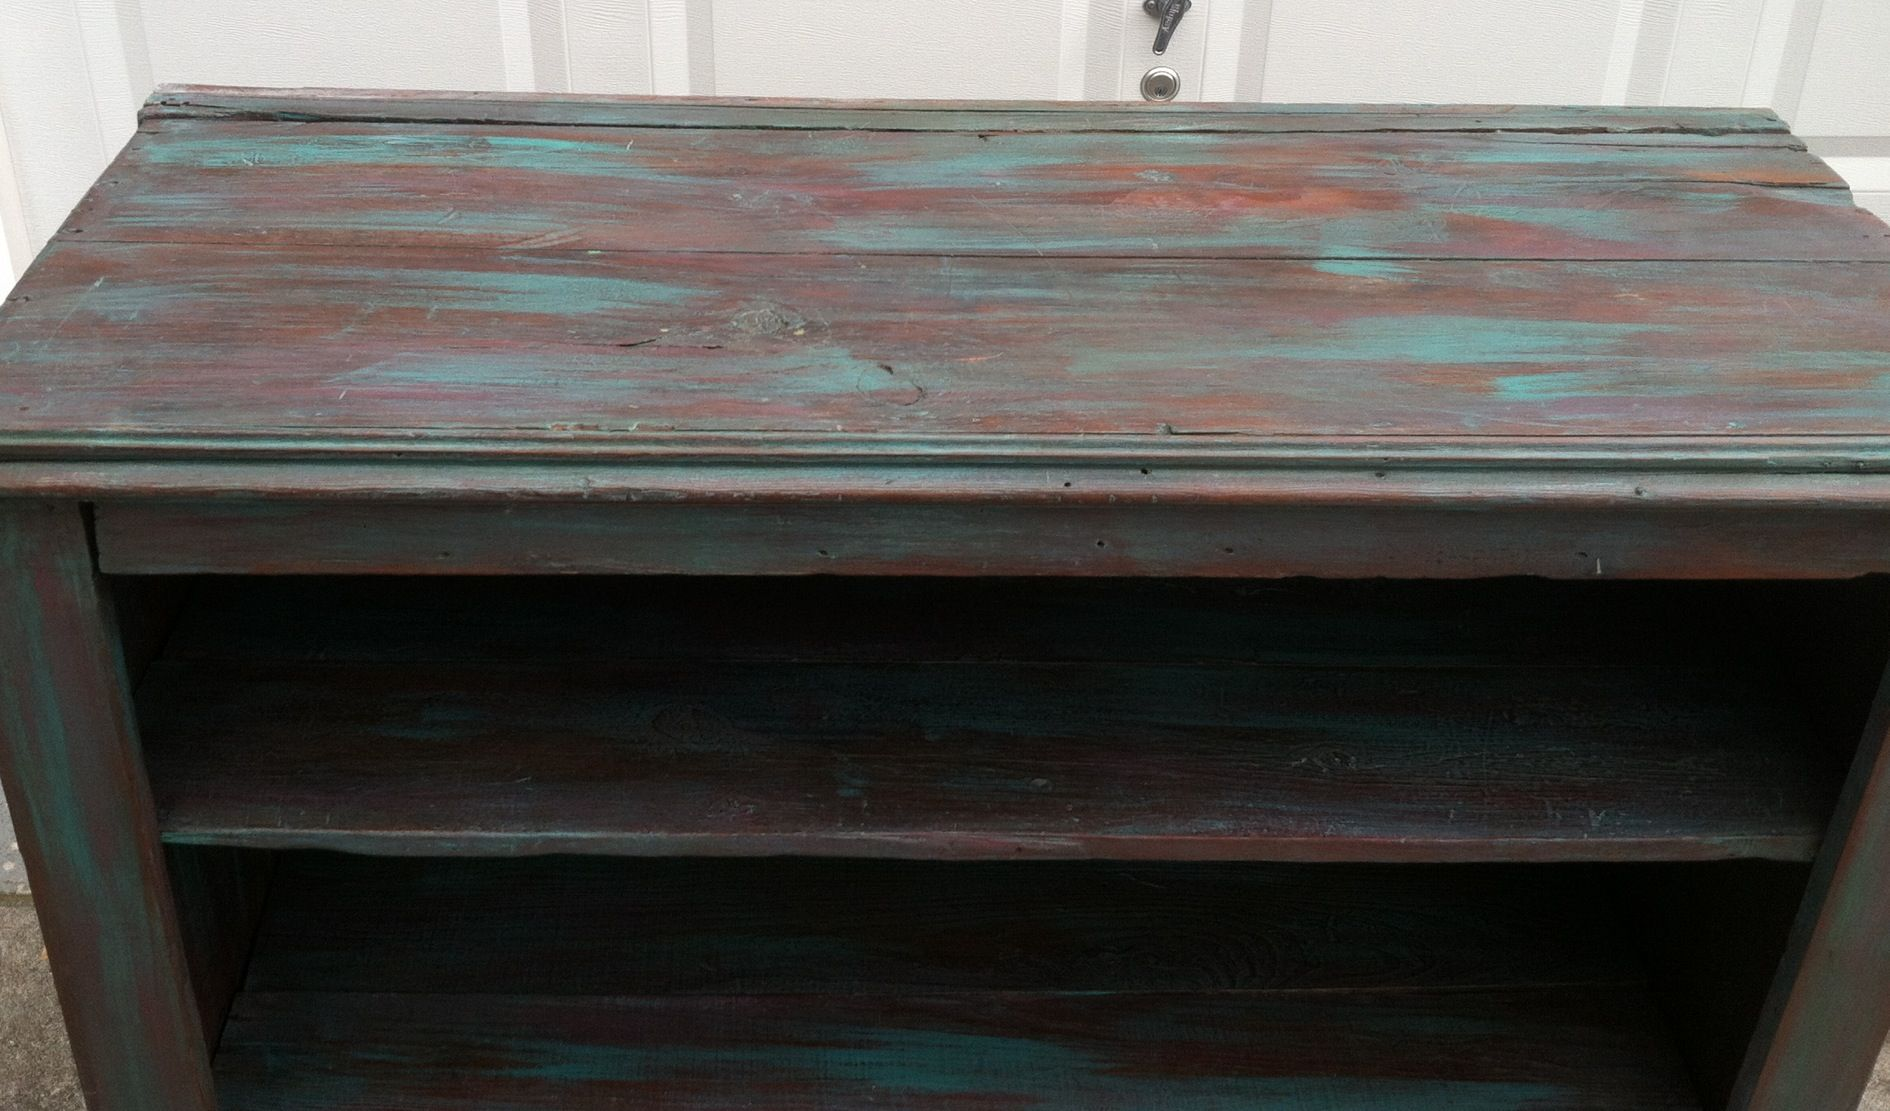 Florence, Emperor's silk, ASCP, chalk paint, primitive